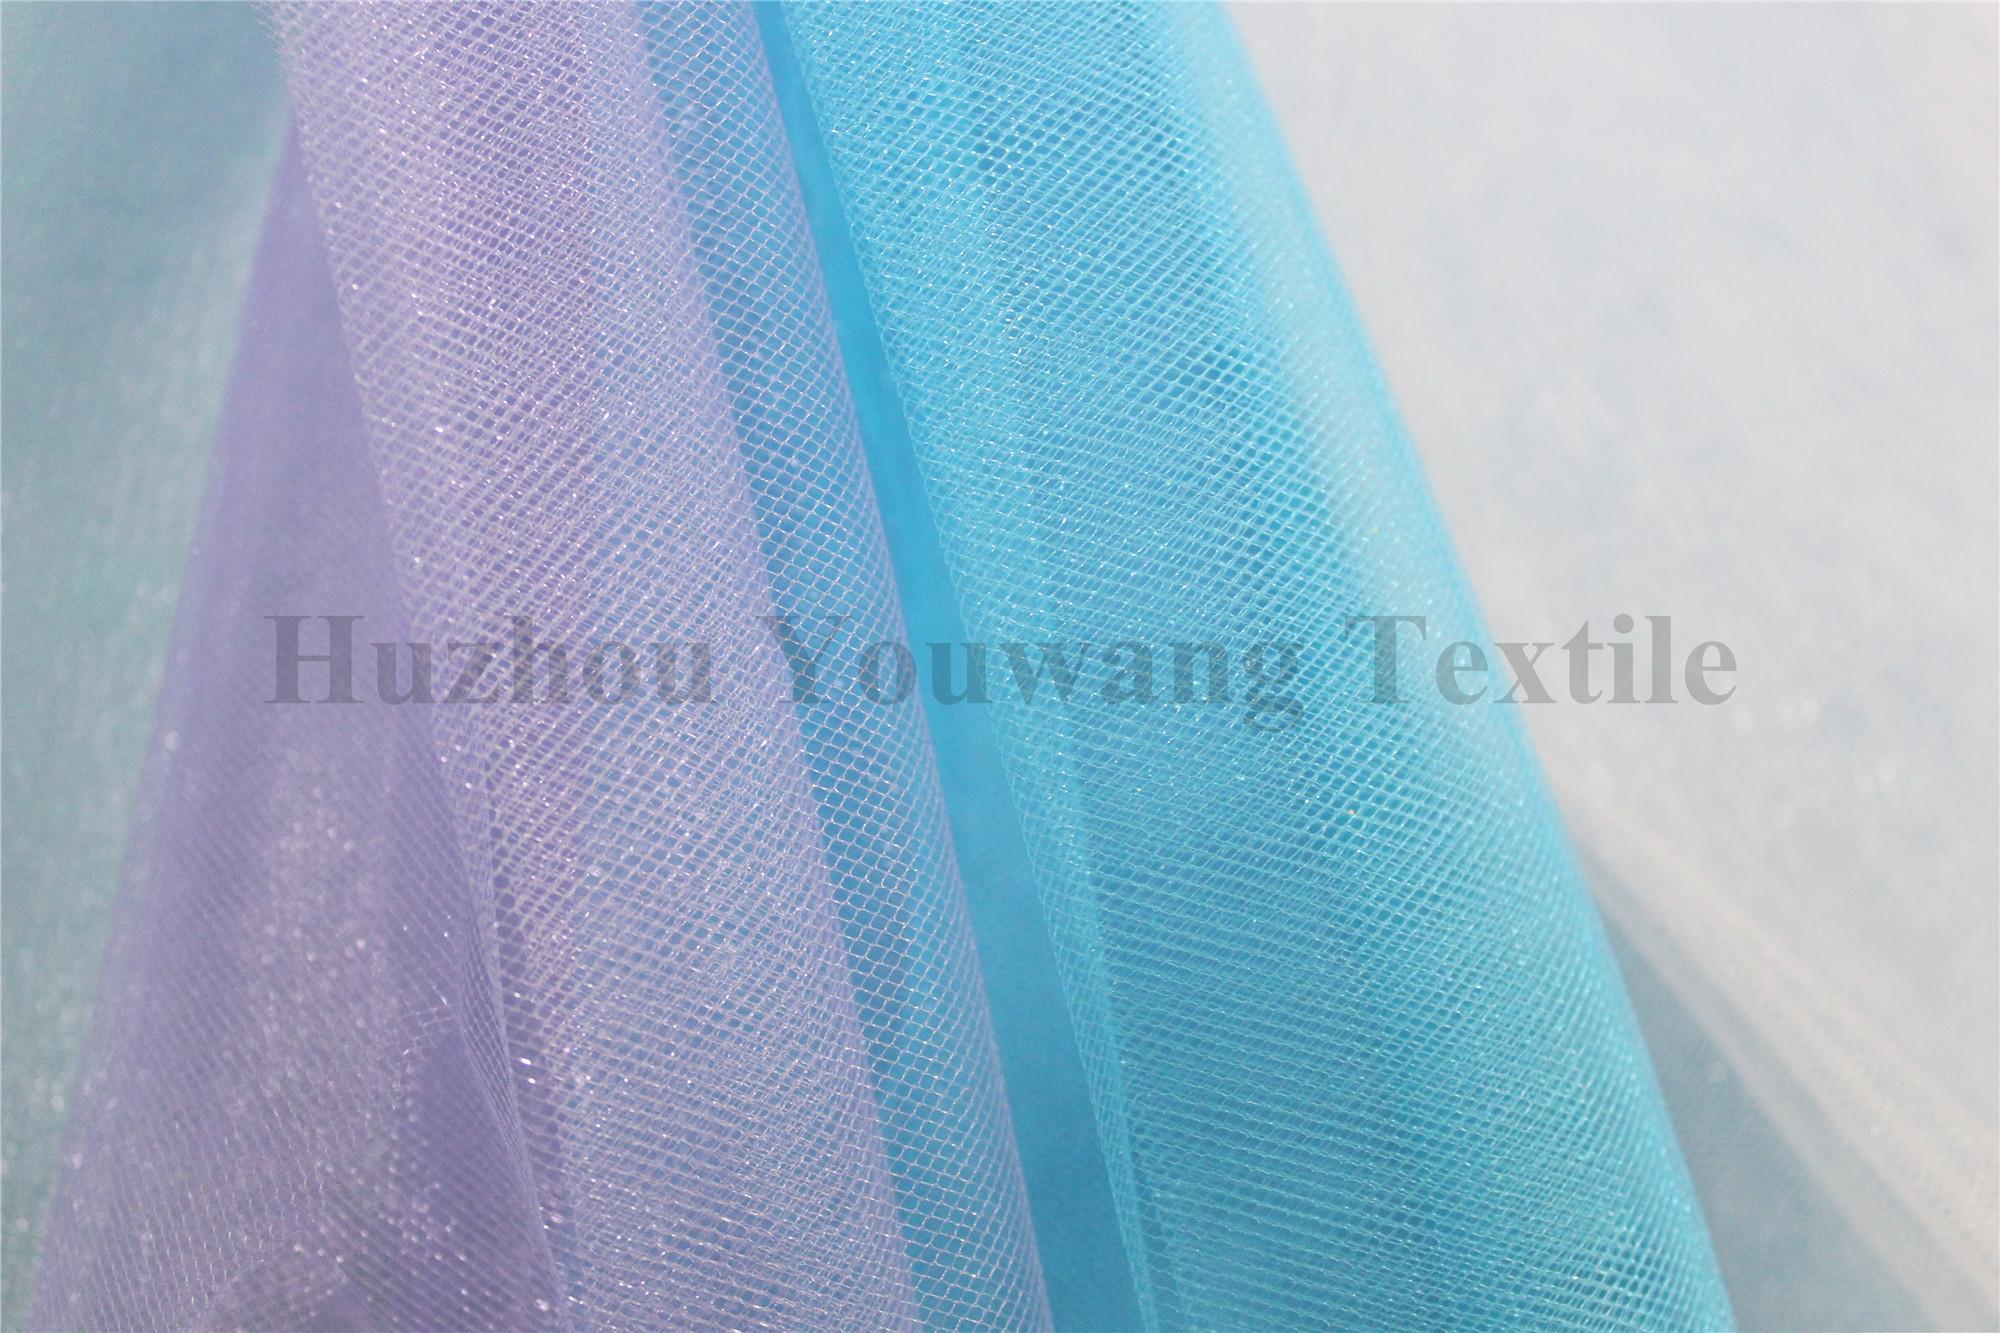 Shiny Tull Fabric 3